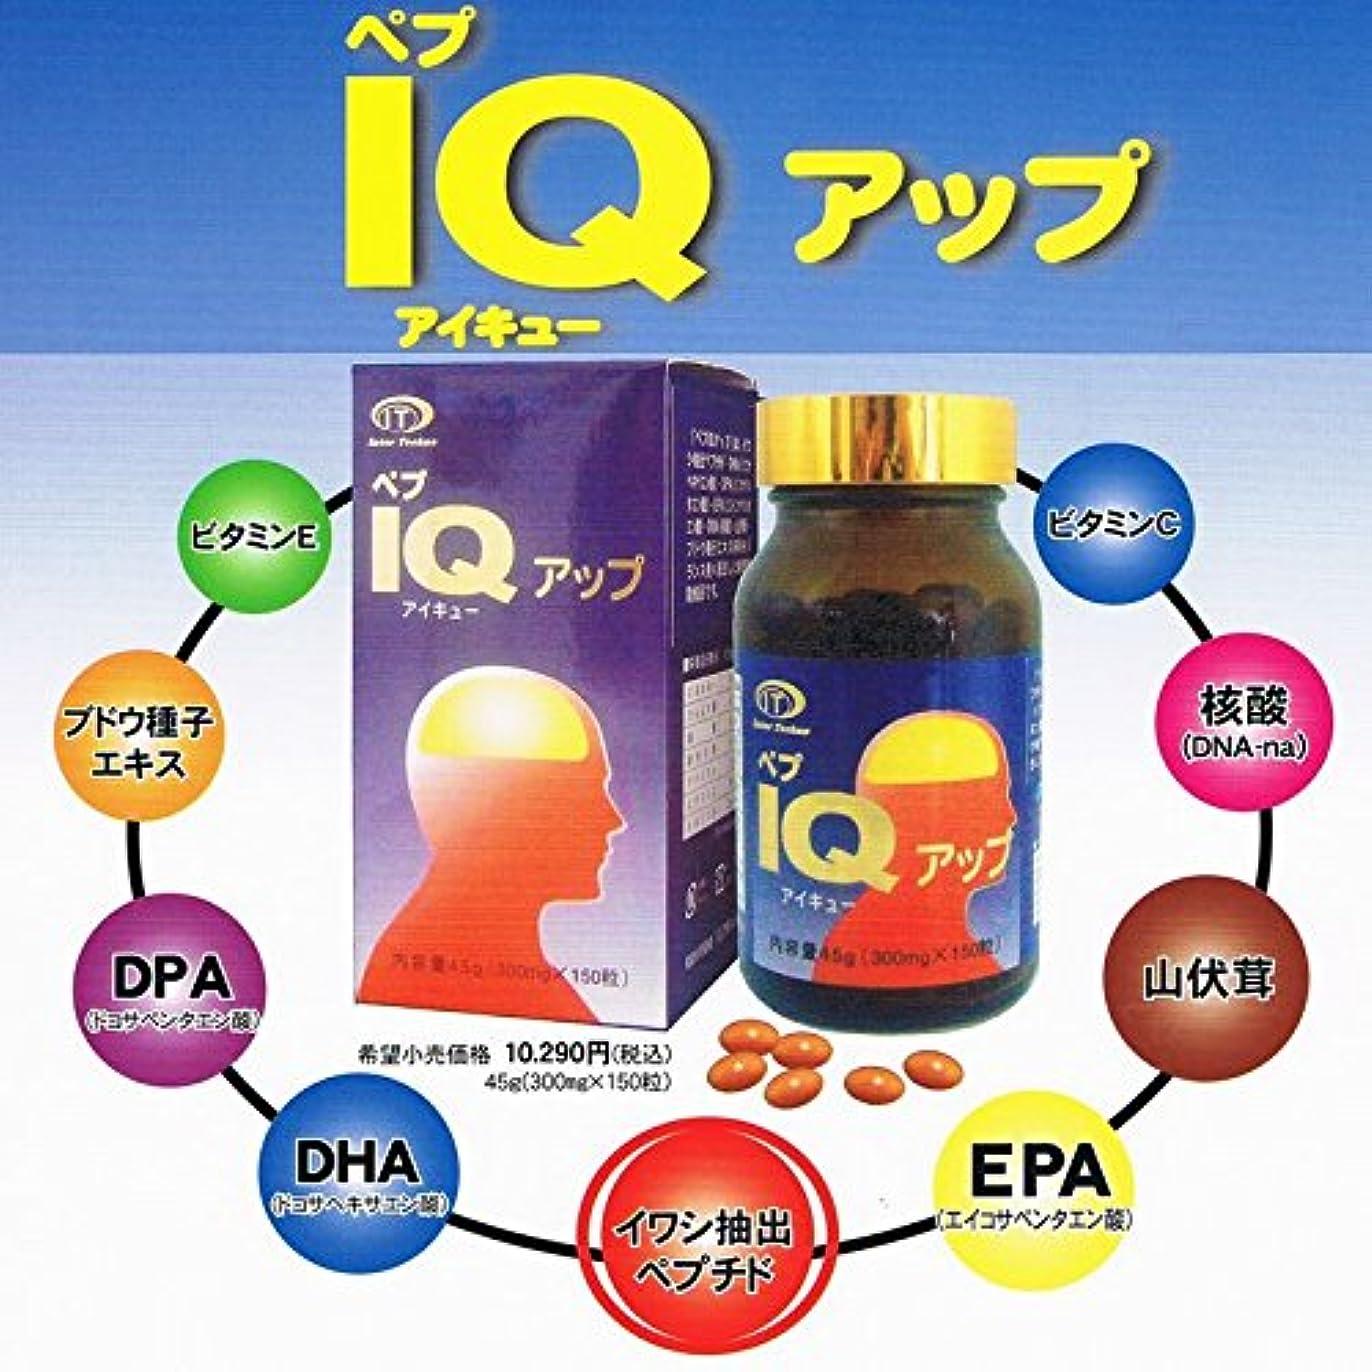 模索甘味暫定ペプIQアップ 150粒 《記憶?思考、DHA、EPA》